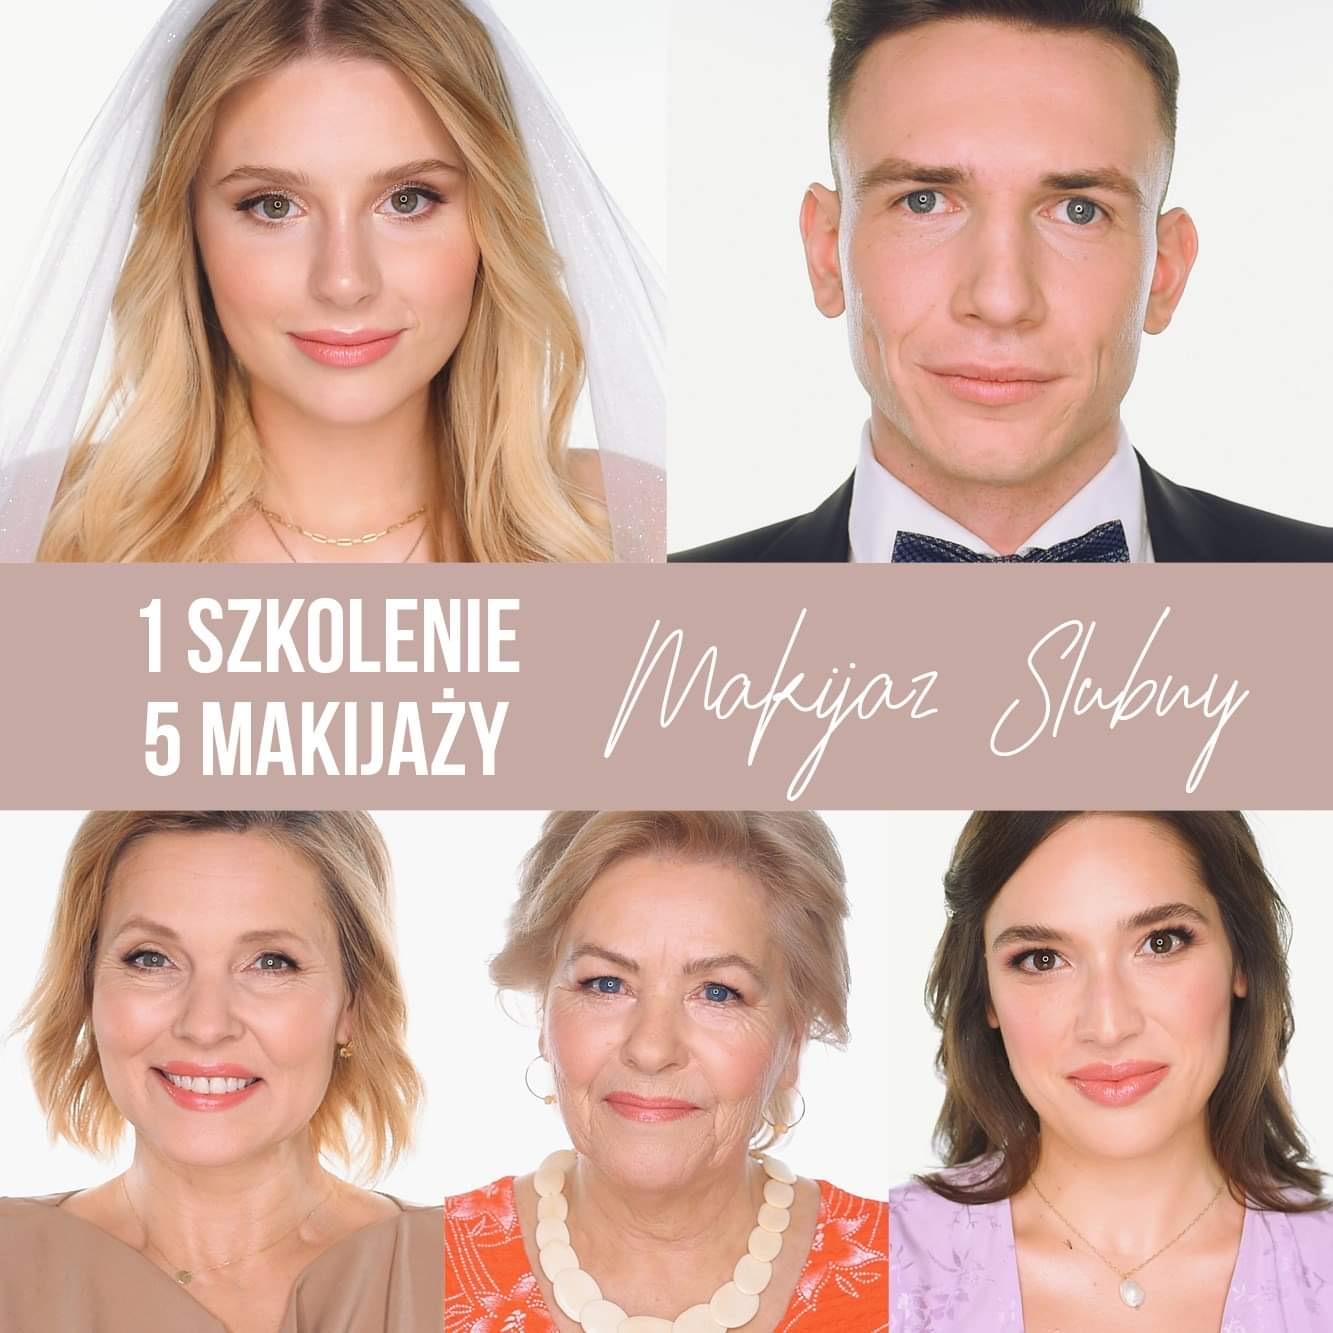 Makijaż ślubny – kurs online